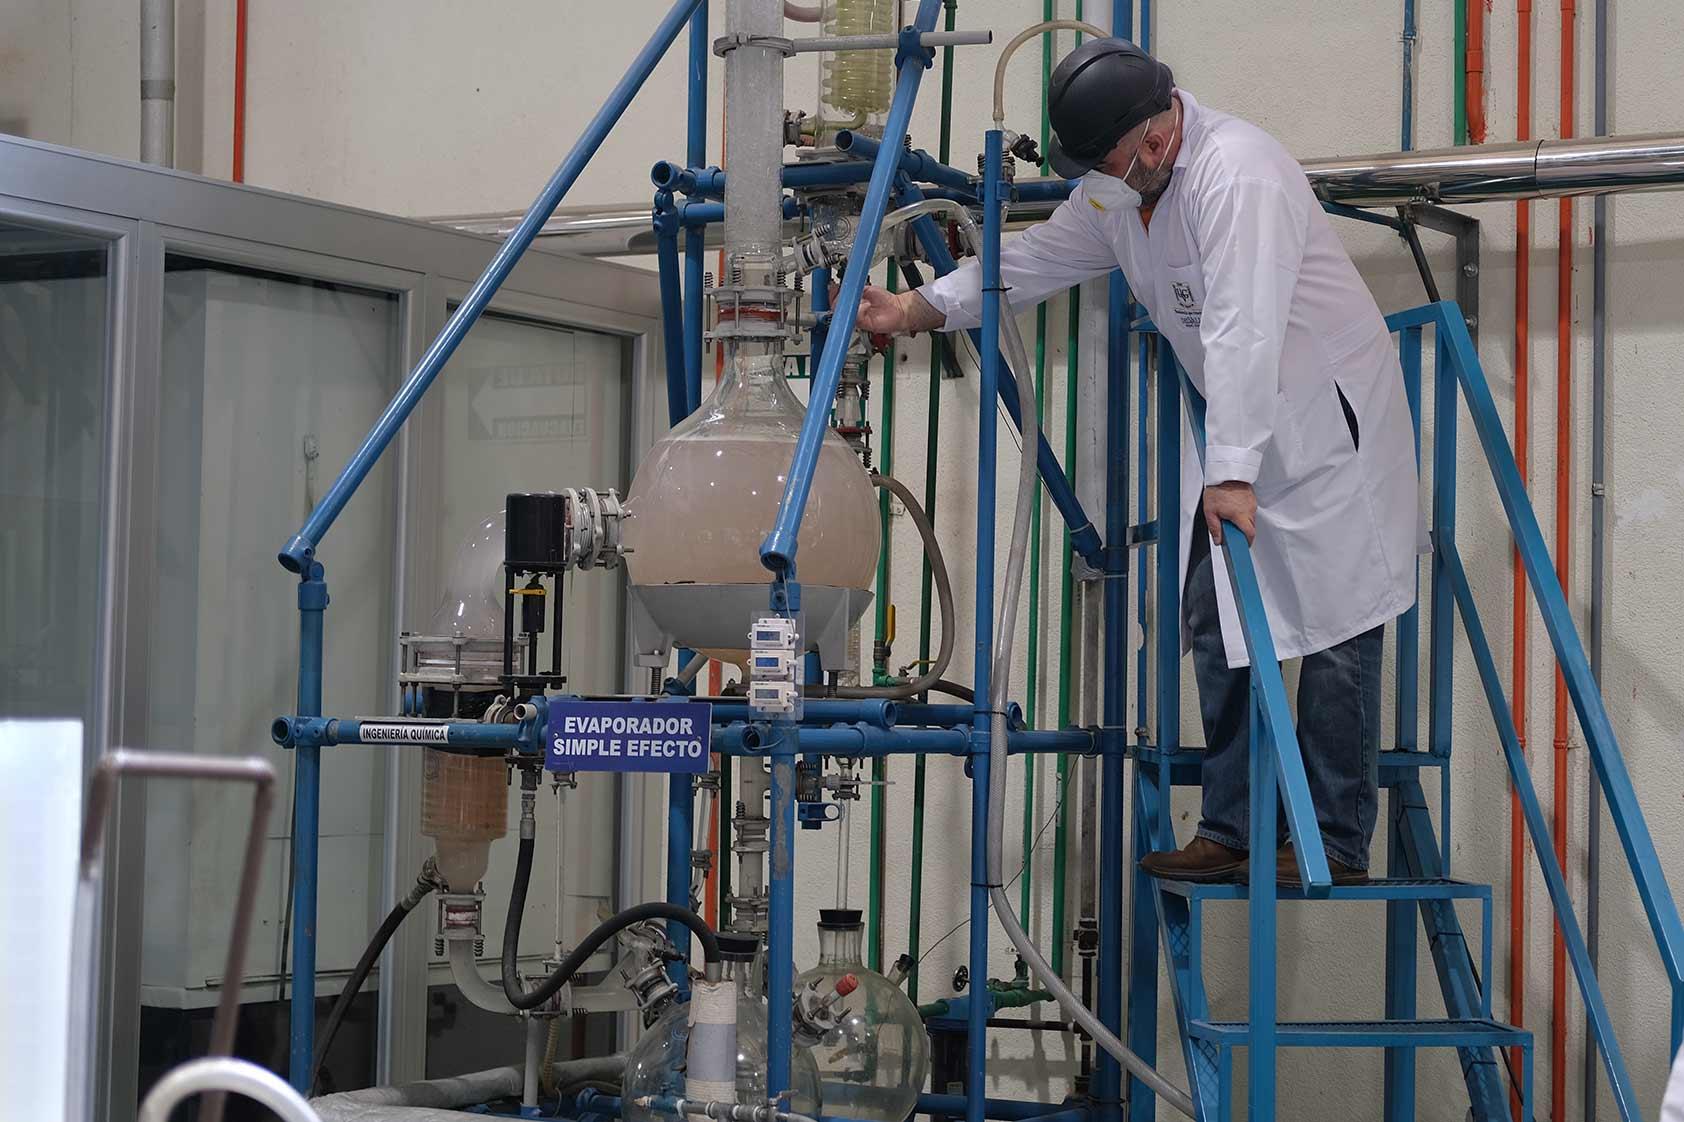 En UVG producimos alcohol en gel, un proceso tecnológico industrial con responsabilidad